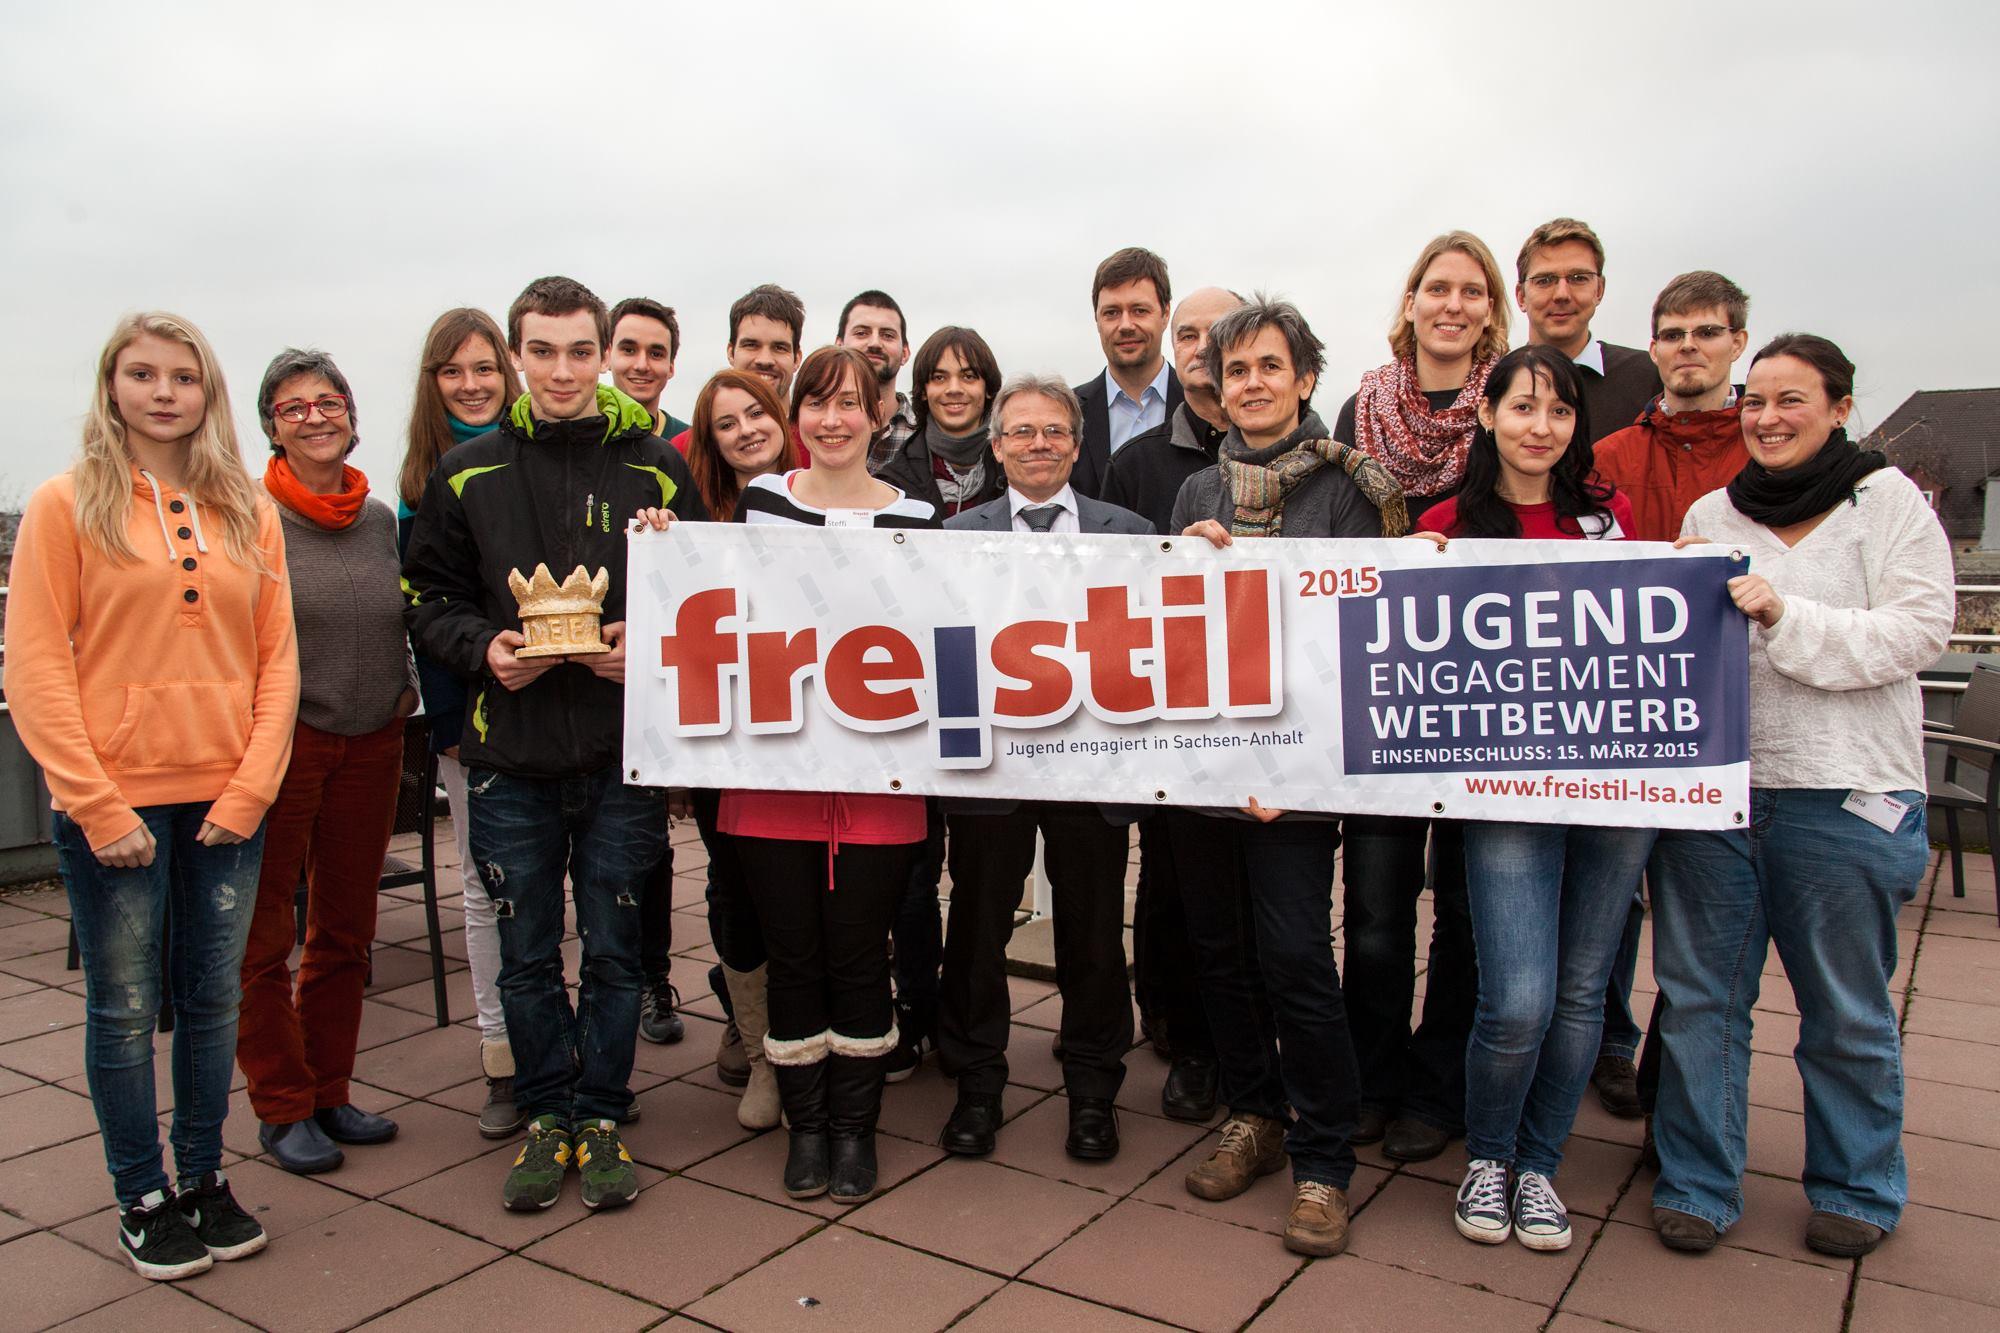 Eröffnung 12. freistil - Wettbewerb 2014/15